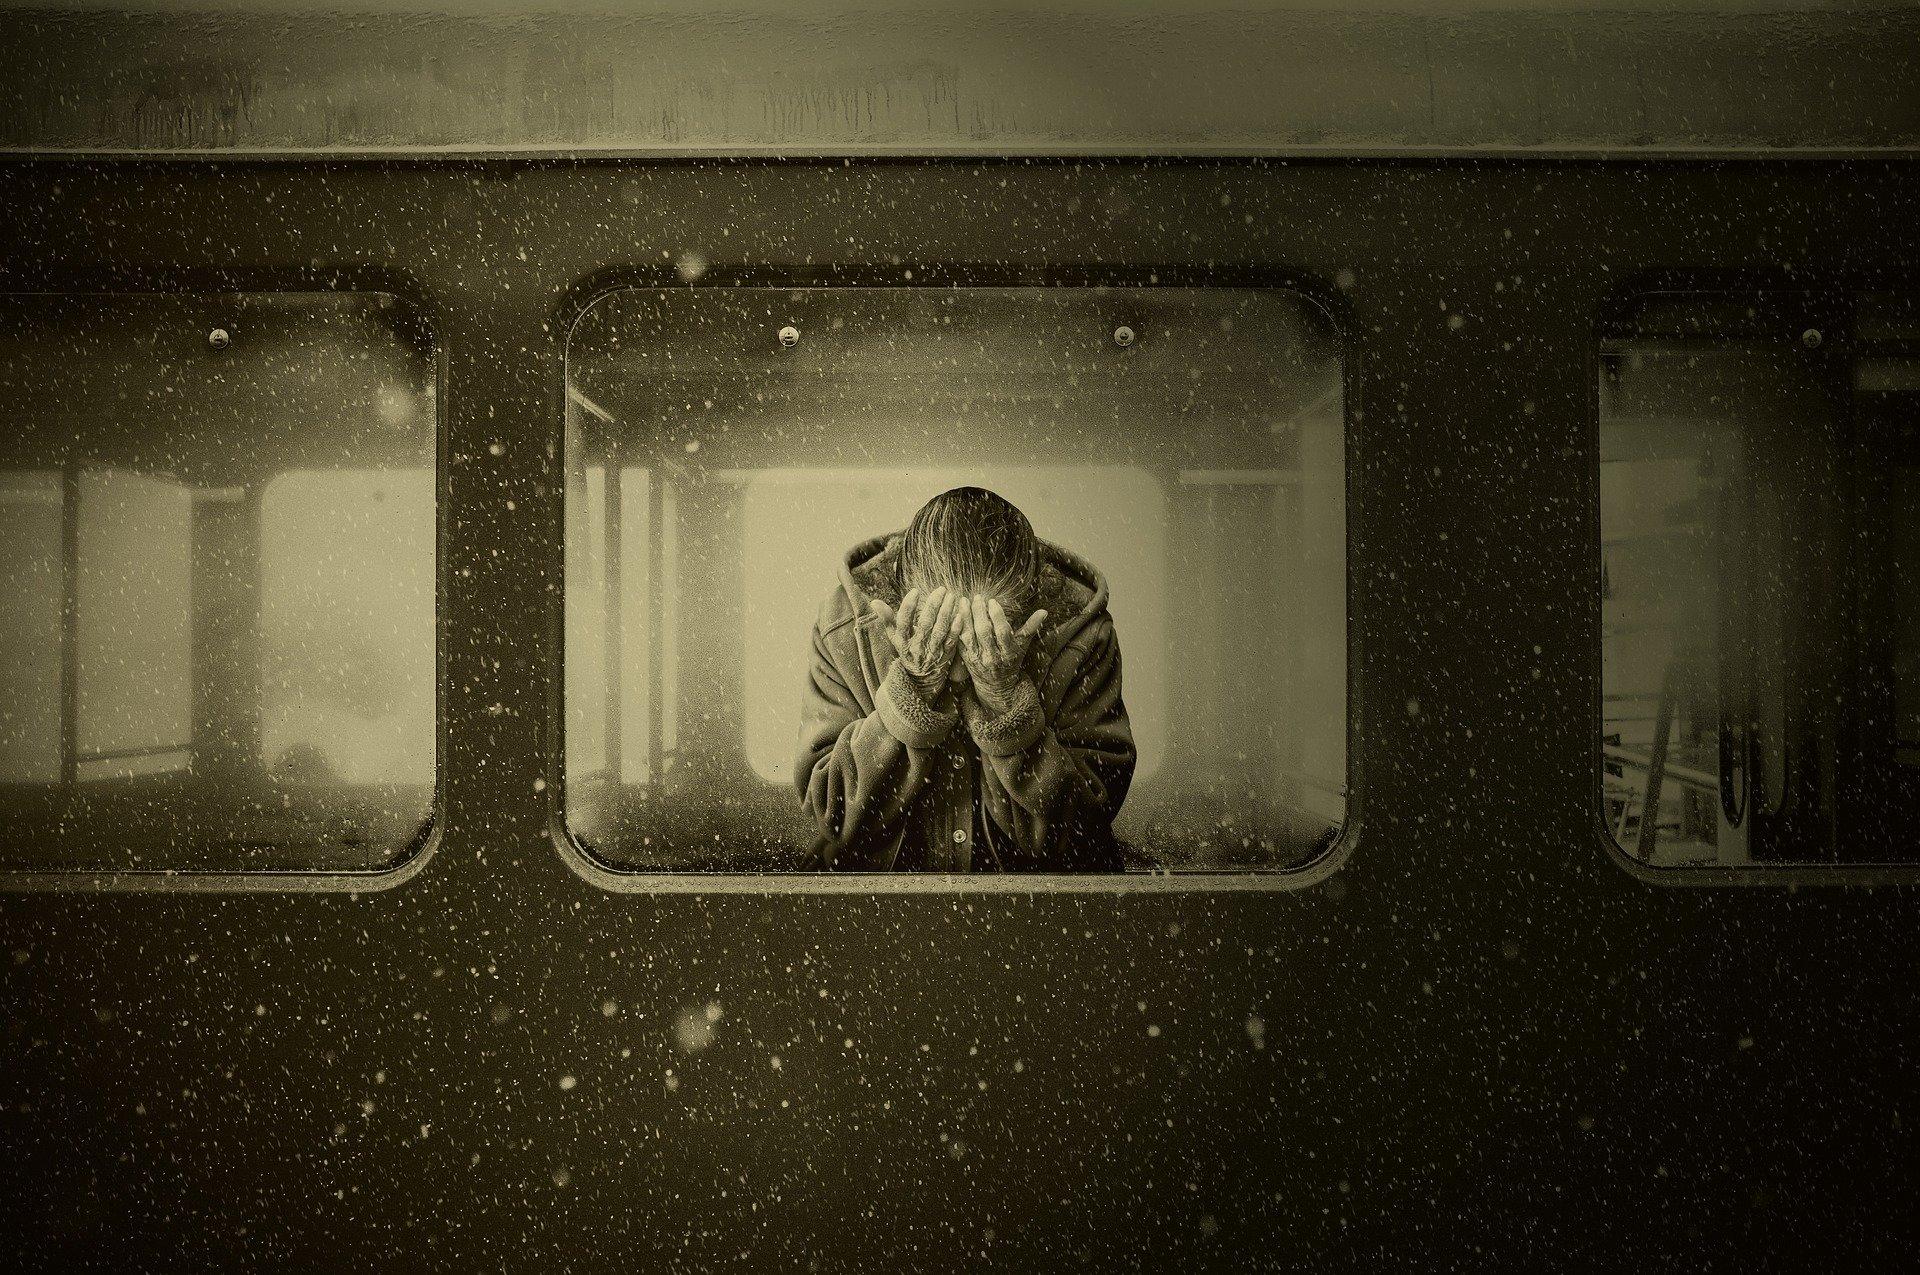 Einsamkeit kann aufgrund der zunehmenden Alterung der Bevölkerung